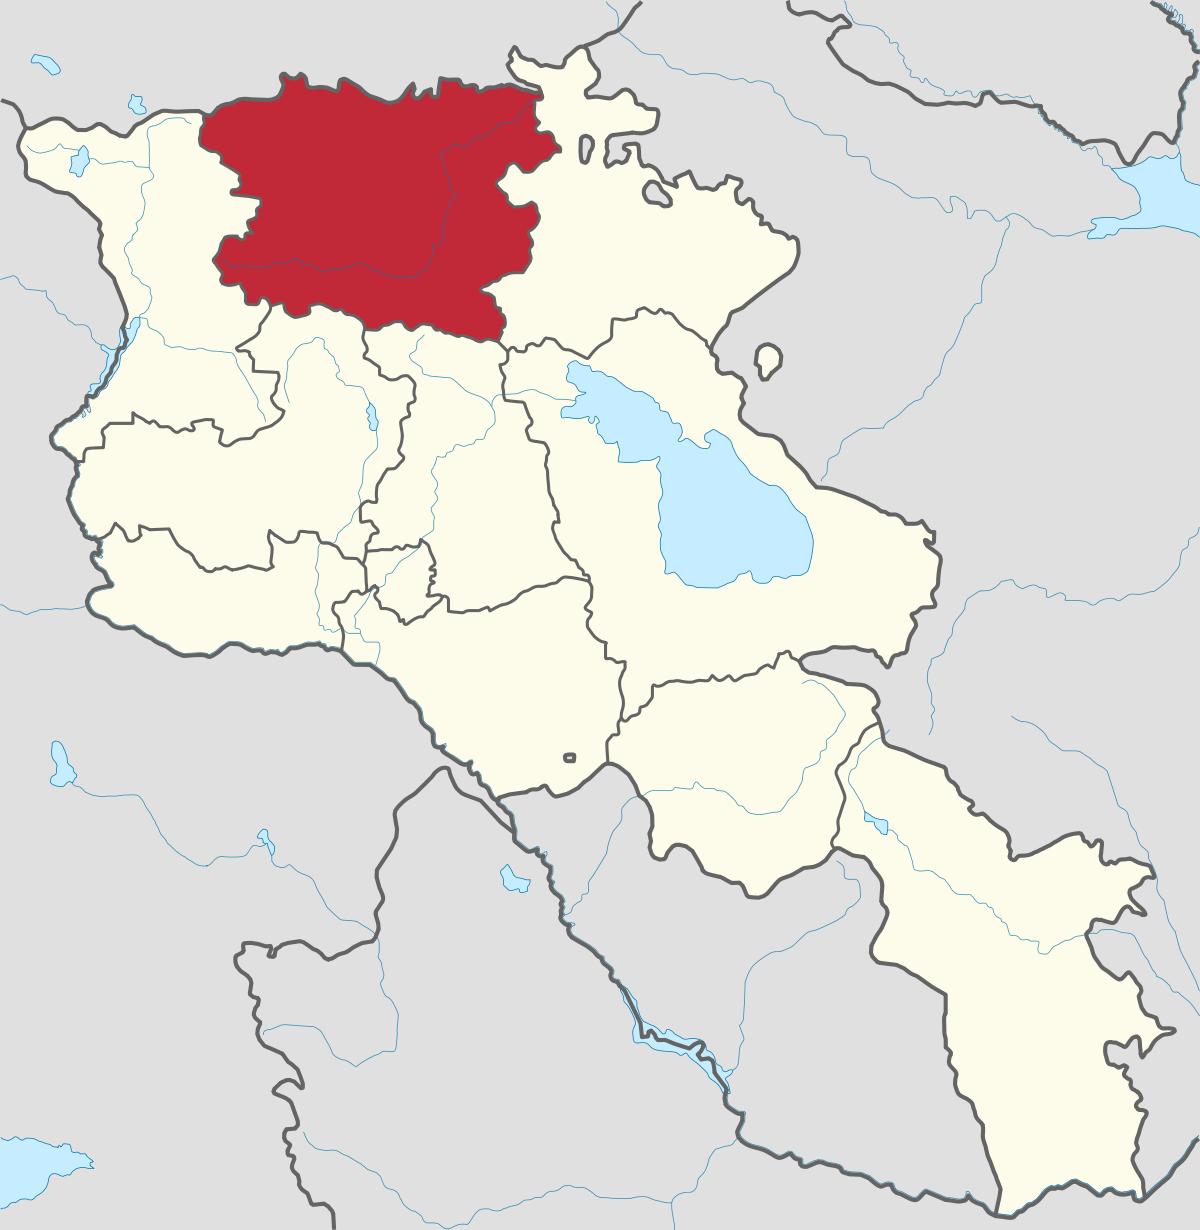 Lori Region